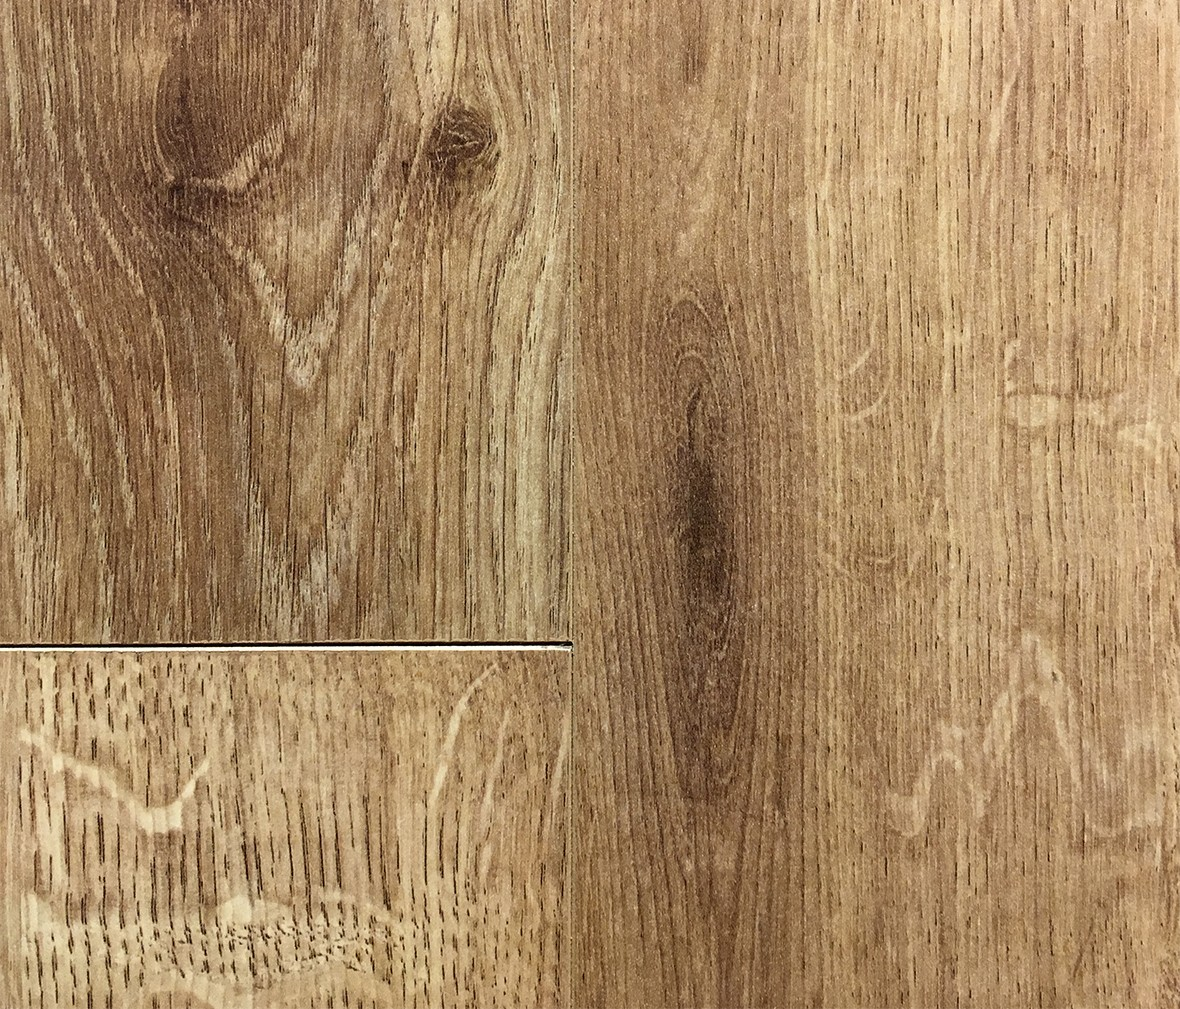 菲林格尔 J-369型号强化复合地板 高密度板材质简约卧室地板 图片、价格、品牌、评测样样齐全!【蓝景商城正品行货,蓝景丽家大钟寺家居广场提货,北京地区配送,领券更优惠,线上线下同品同价,立即购买享受更多优惠哦!】